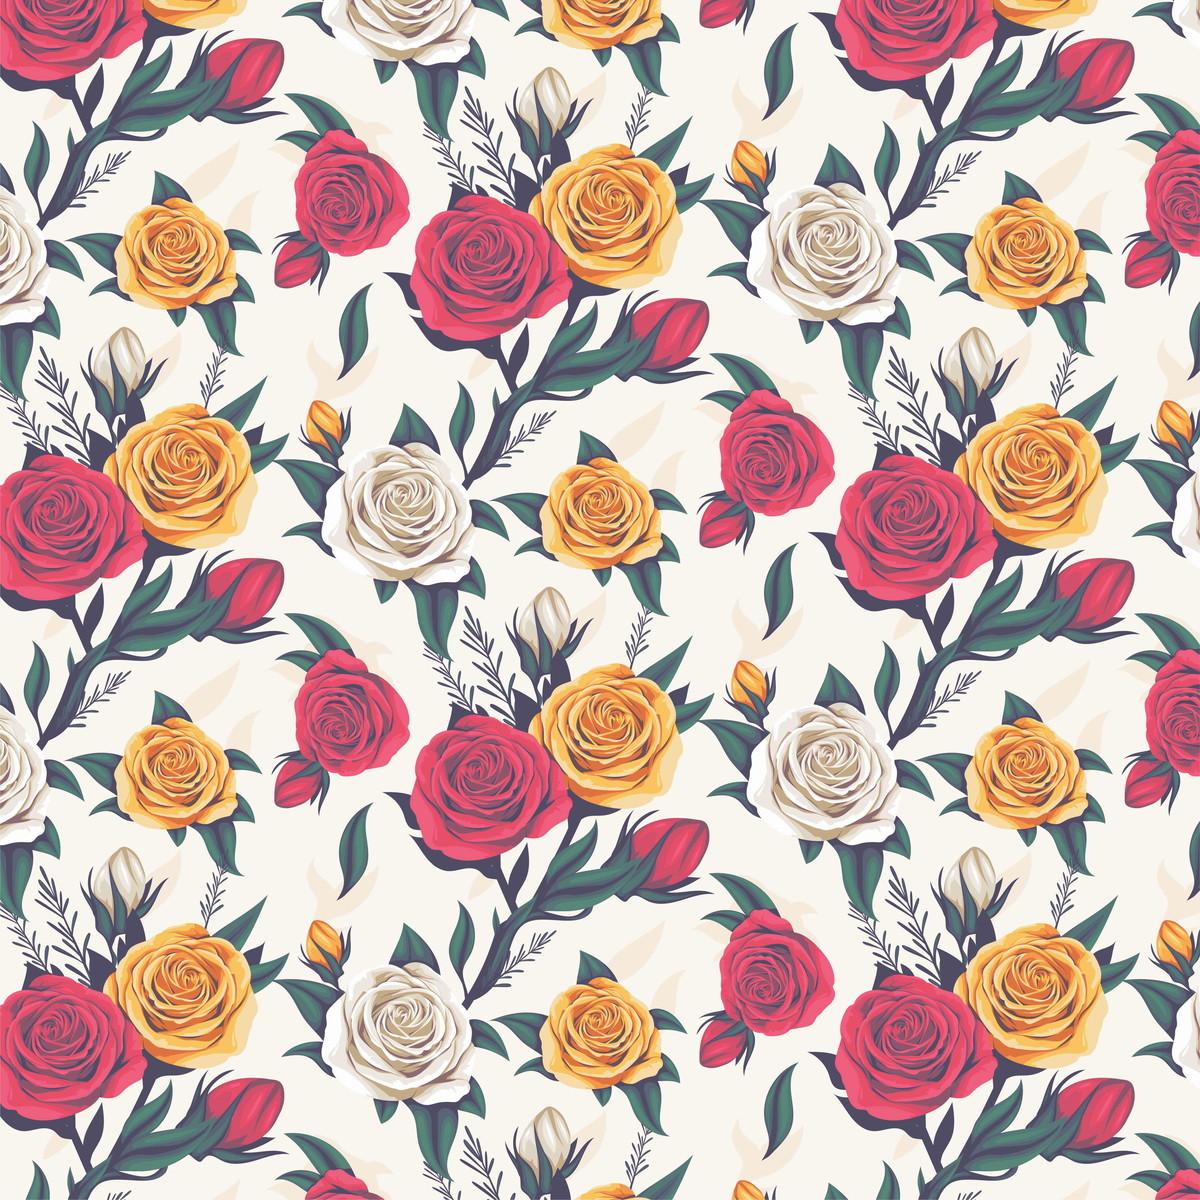 Papel De Parede Rosas Vermelhas E Amarelas Autocolante